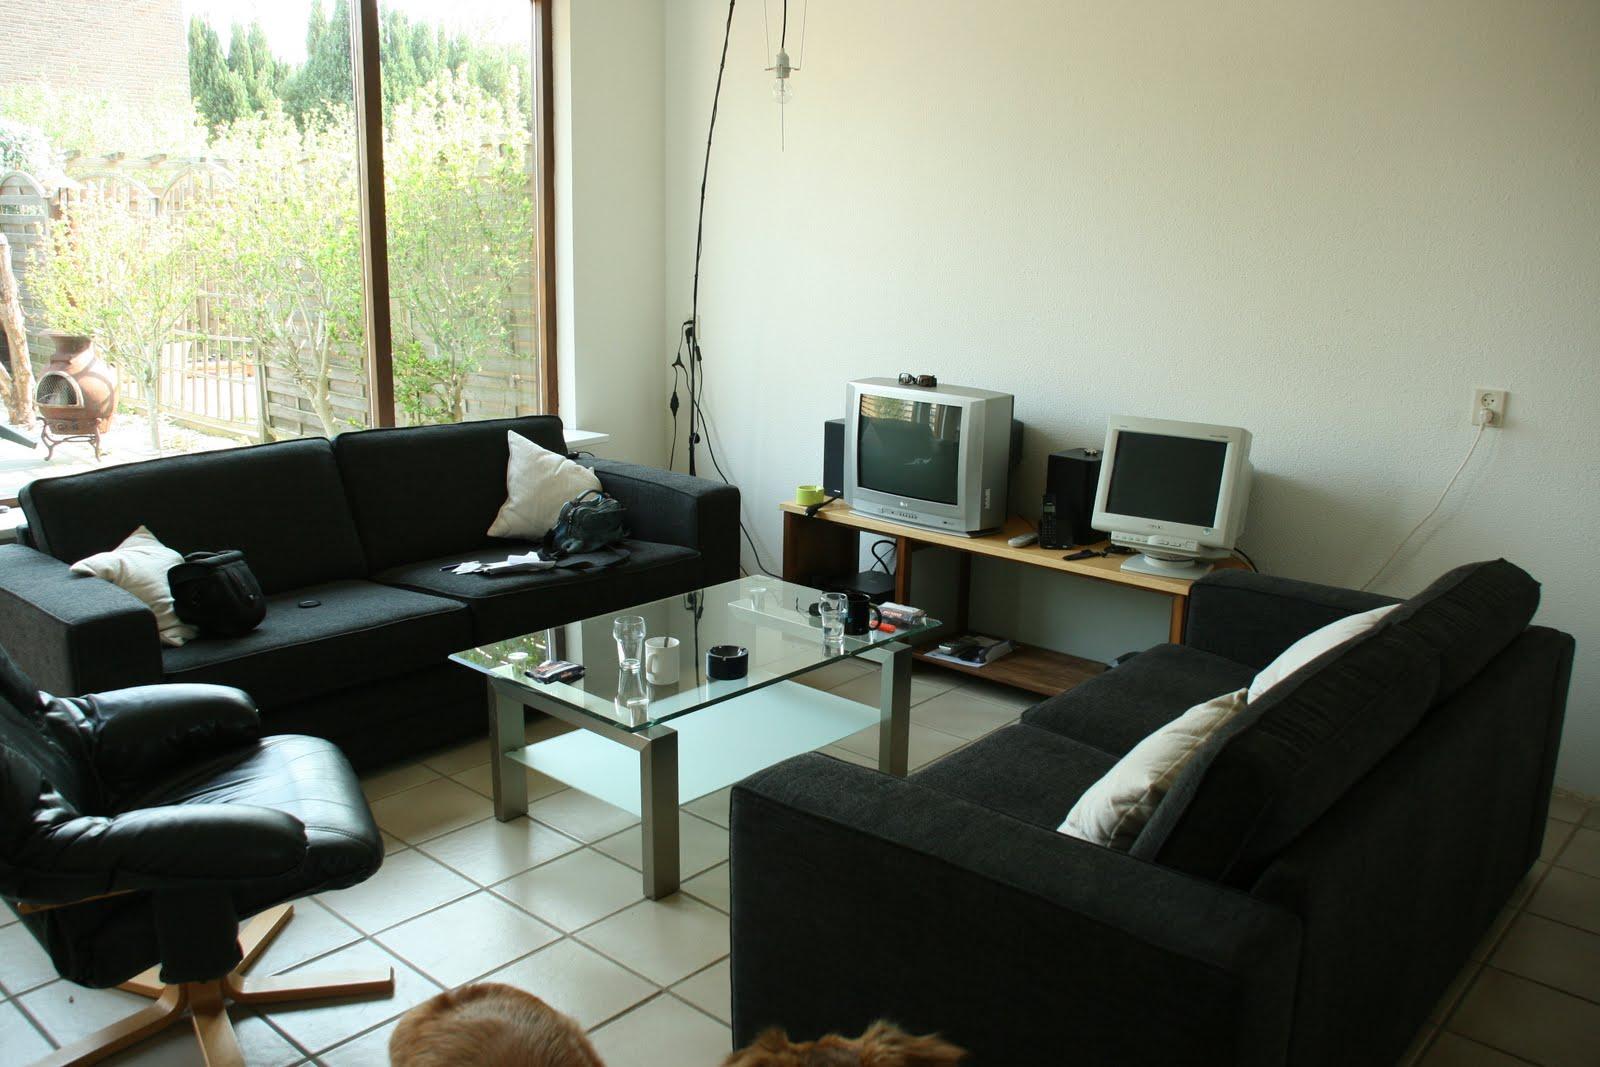 Nieuwe woning april 2011 - Salontafel naar de slaapkamer ...